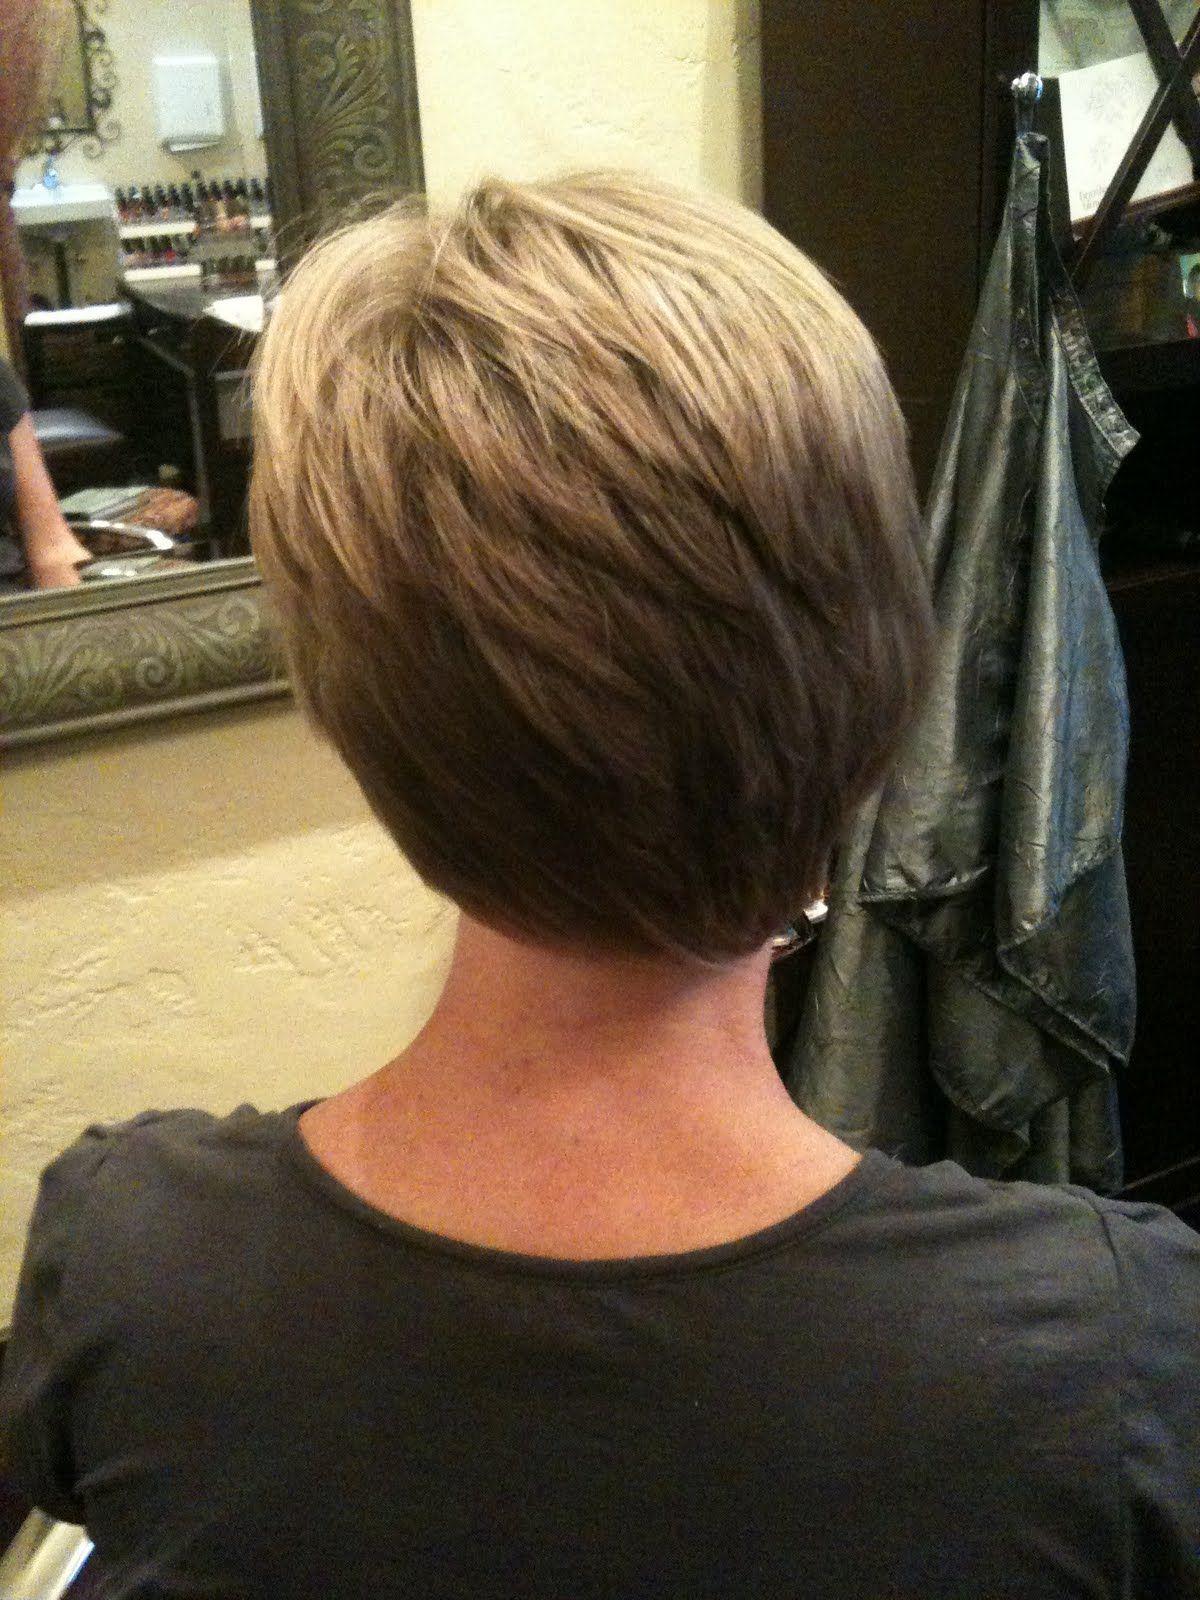 Roxyhair Asymmetrical Hair Cut Back View H A I R Pinterest